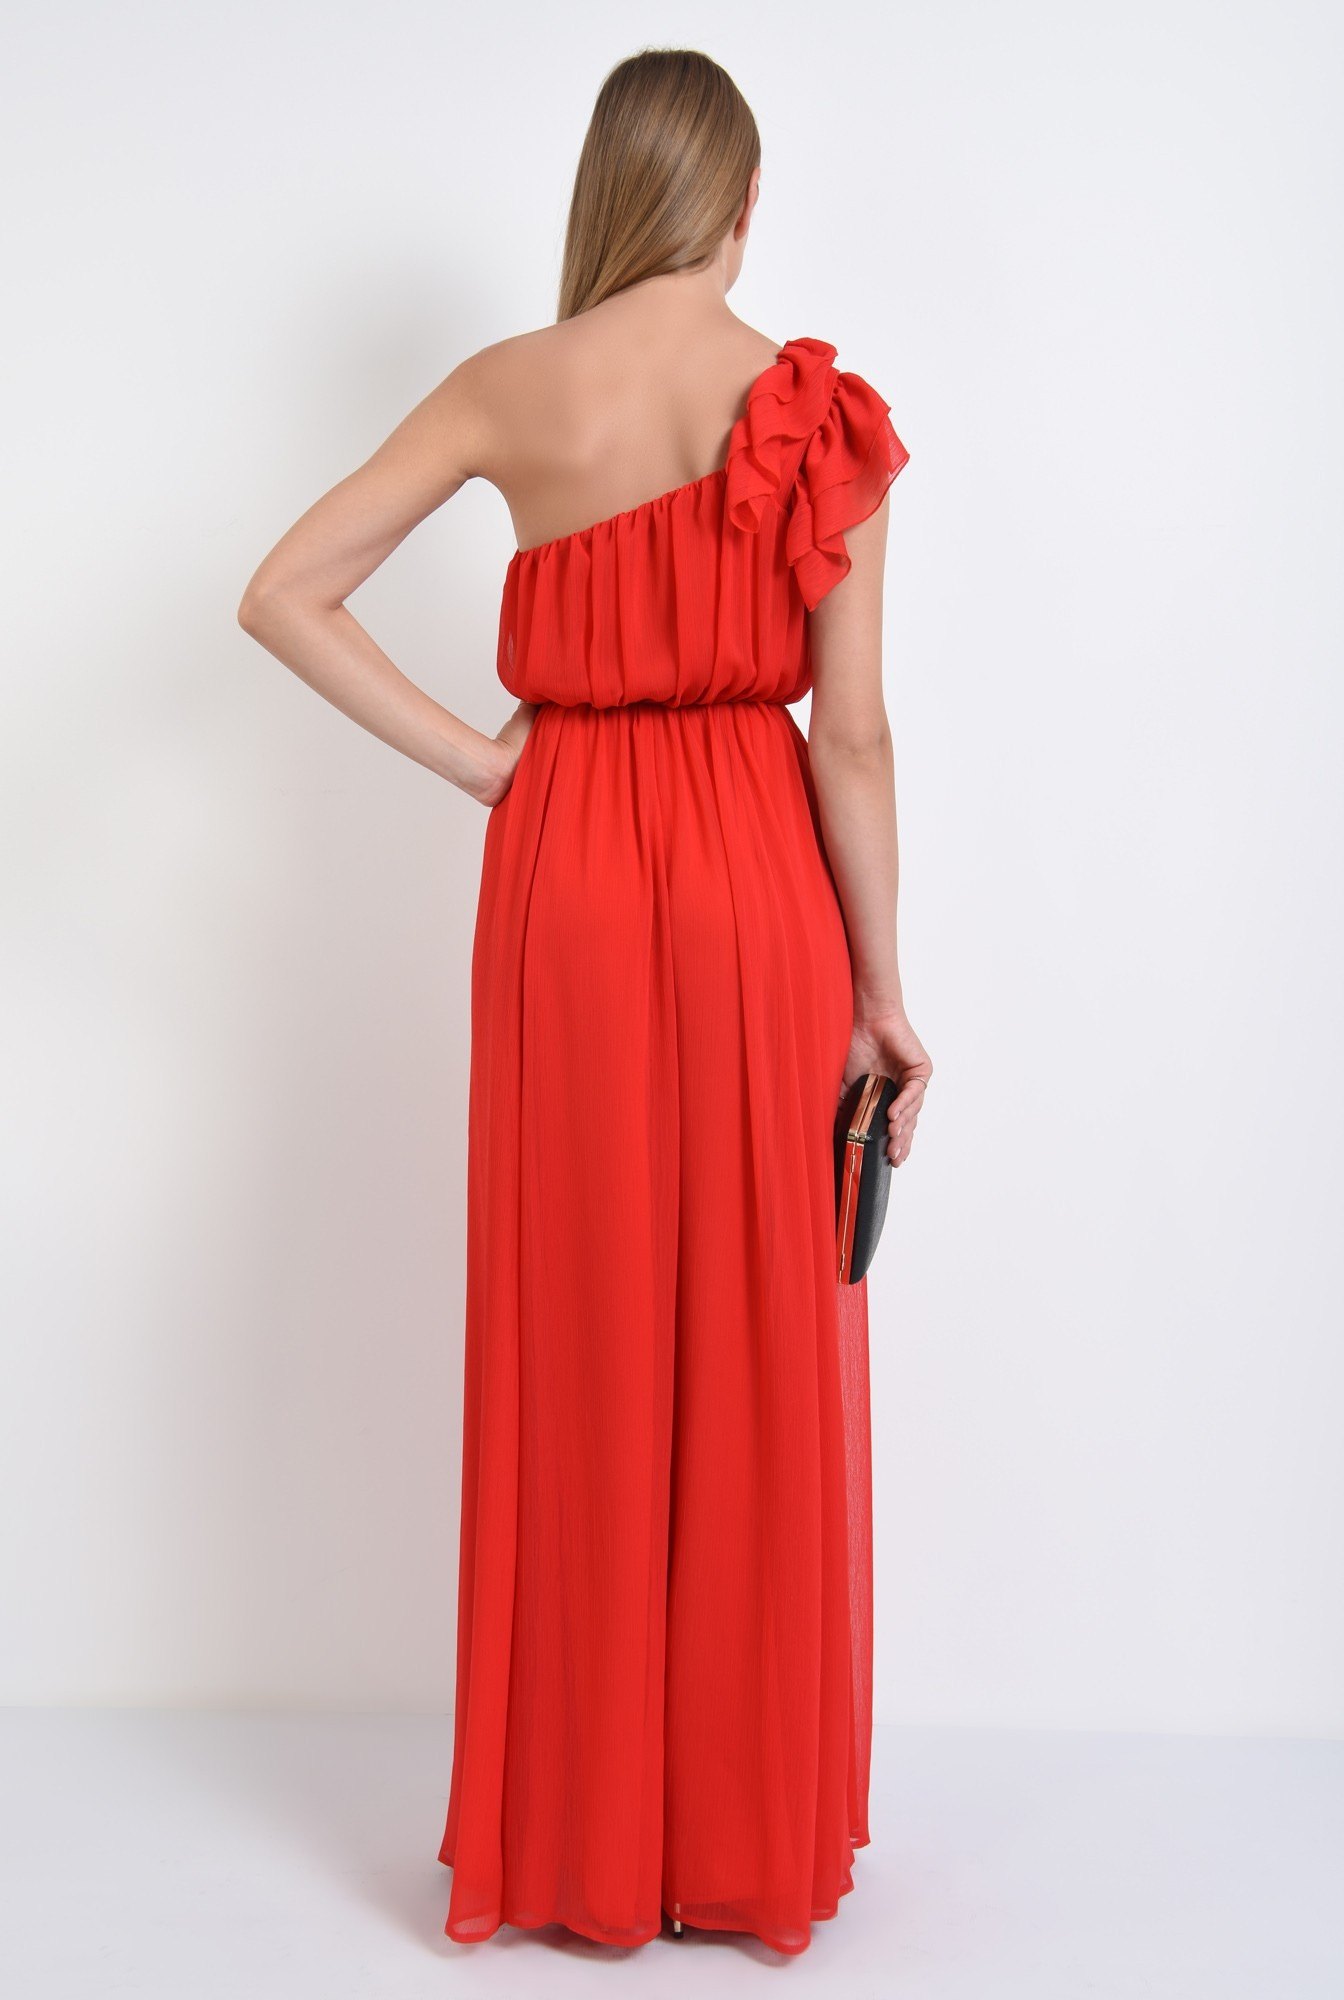 1 - rochie rosie, de seara, bust drapat, rochii online